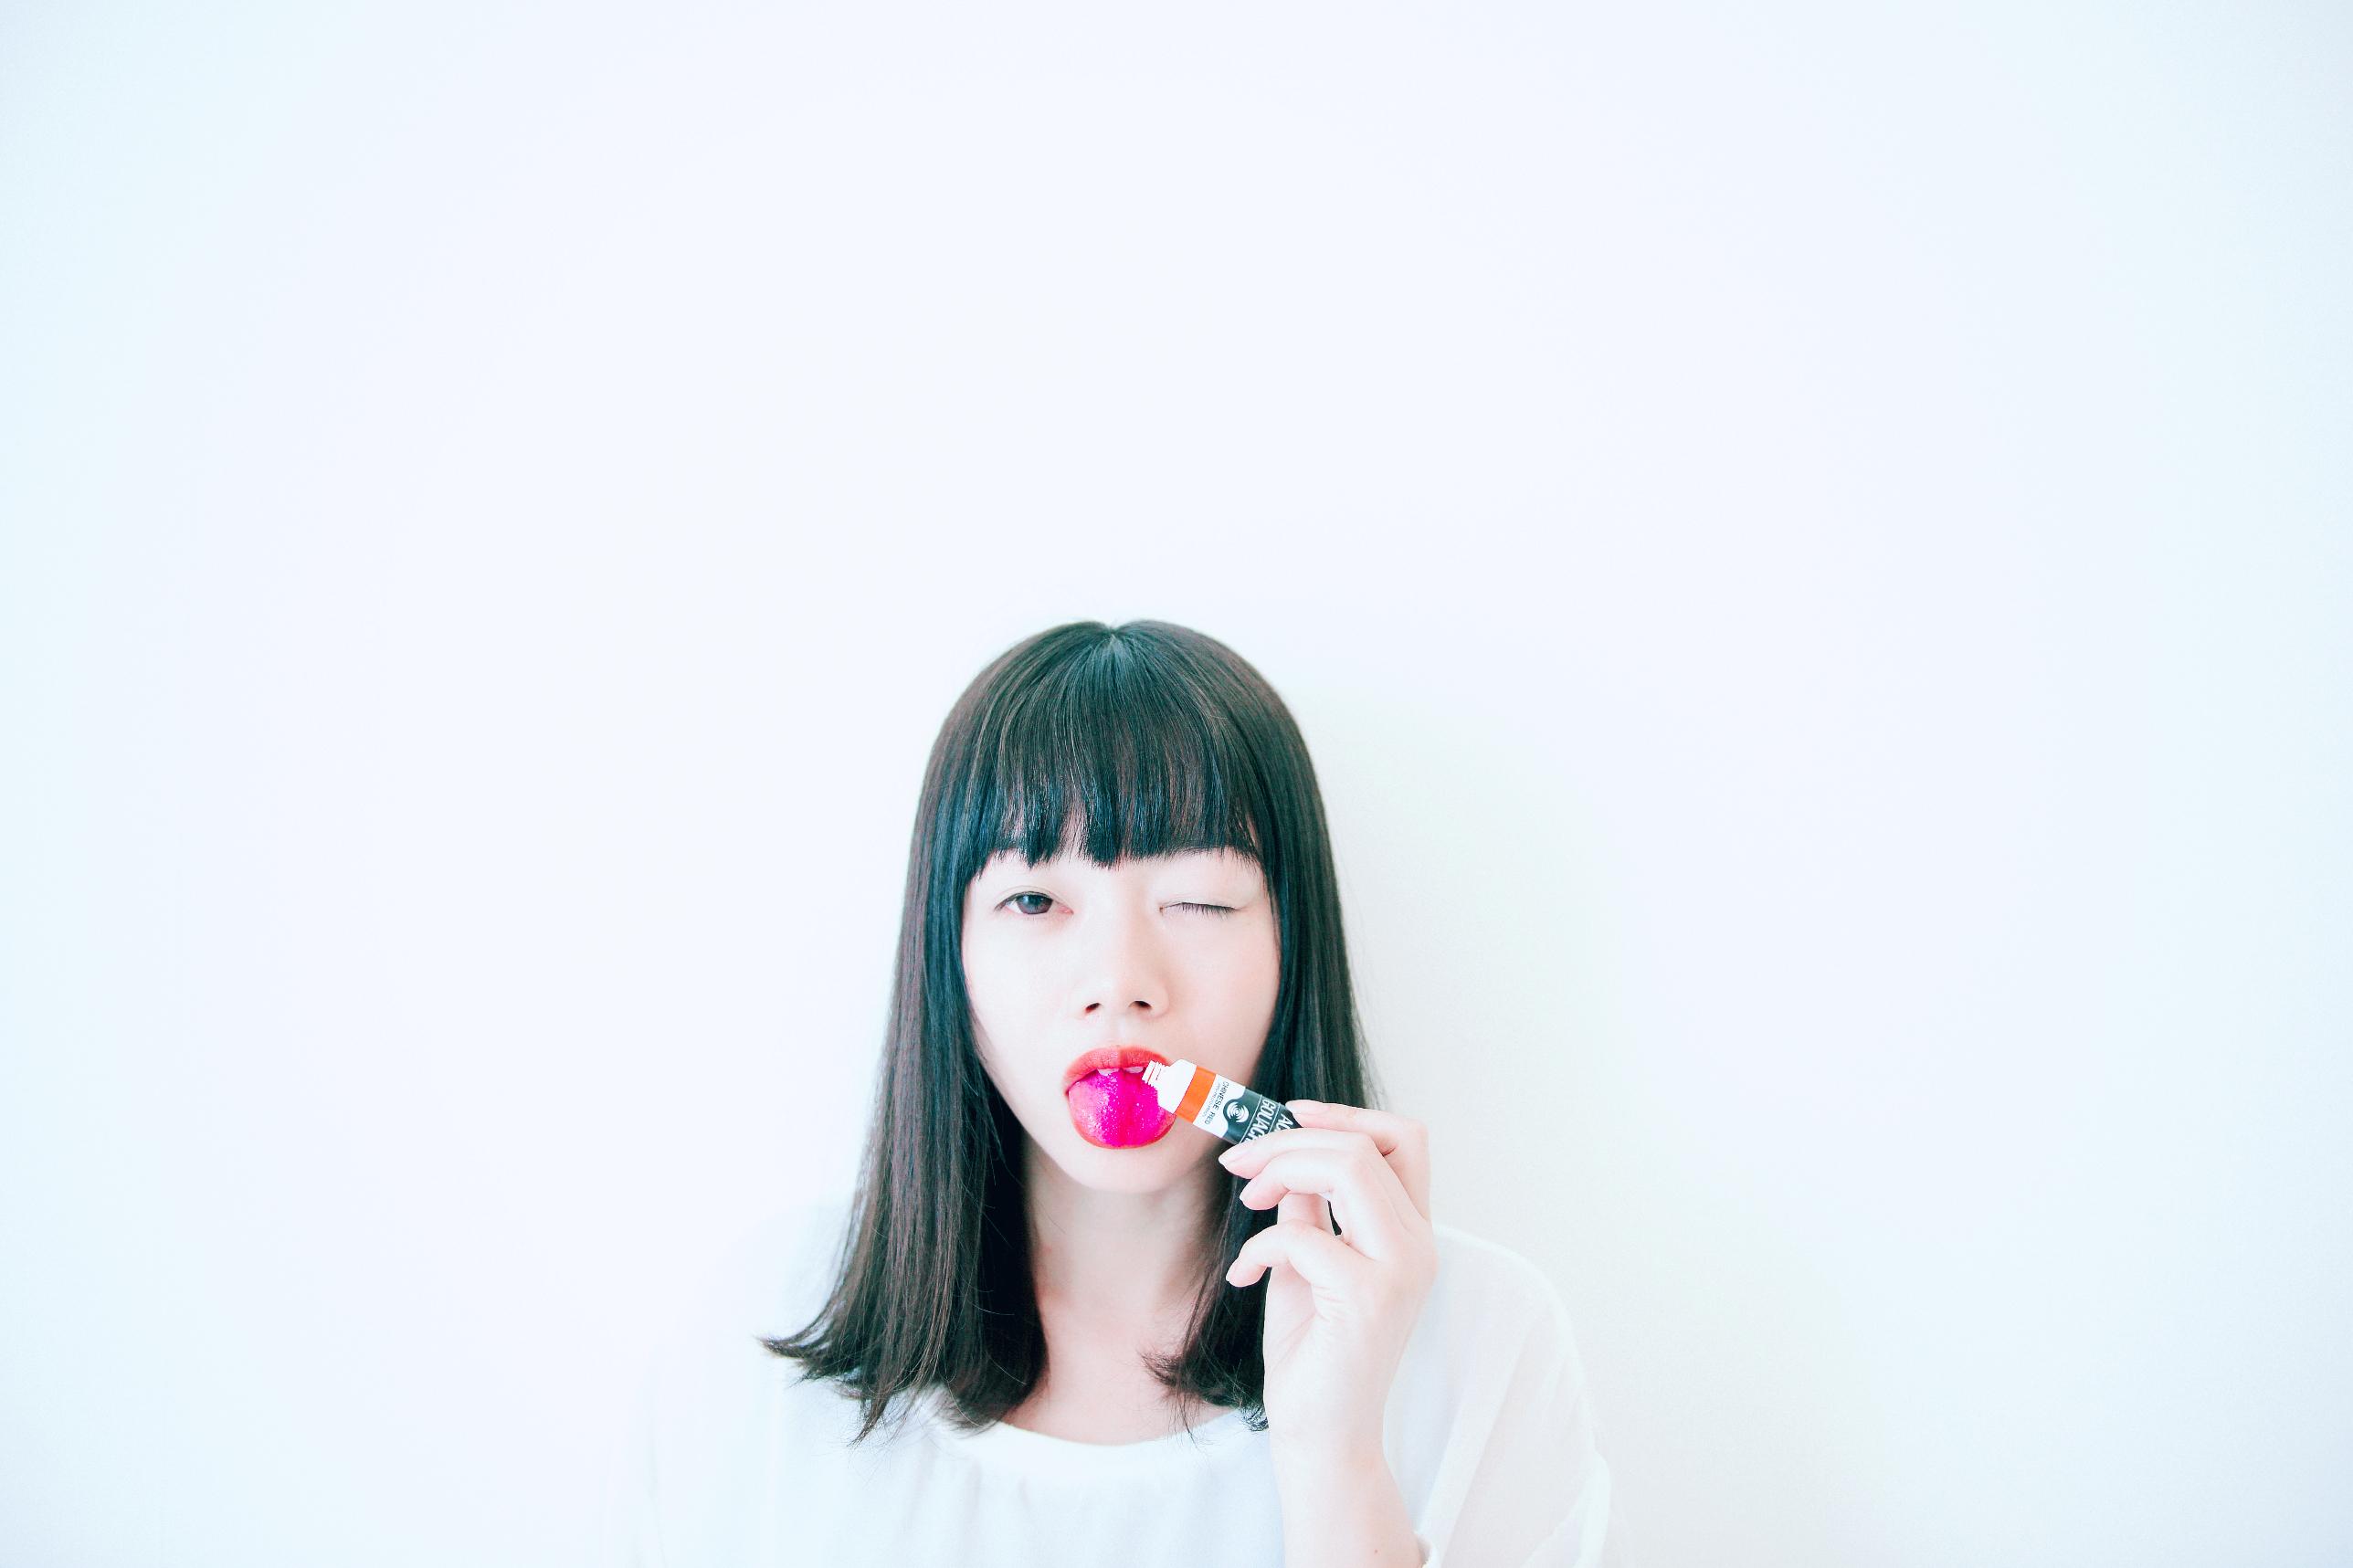 フルートボーカル【田島茜】ミニアルバム制作&リリースツアーLIVE実施キャンペーン!!